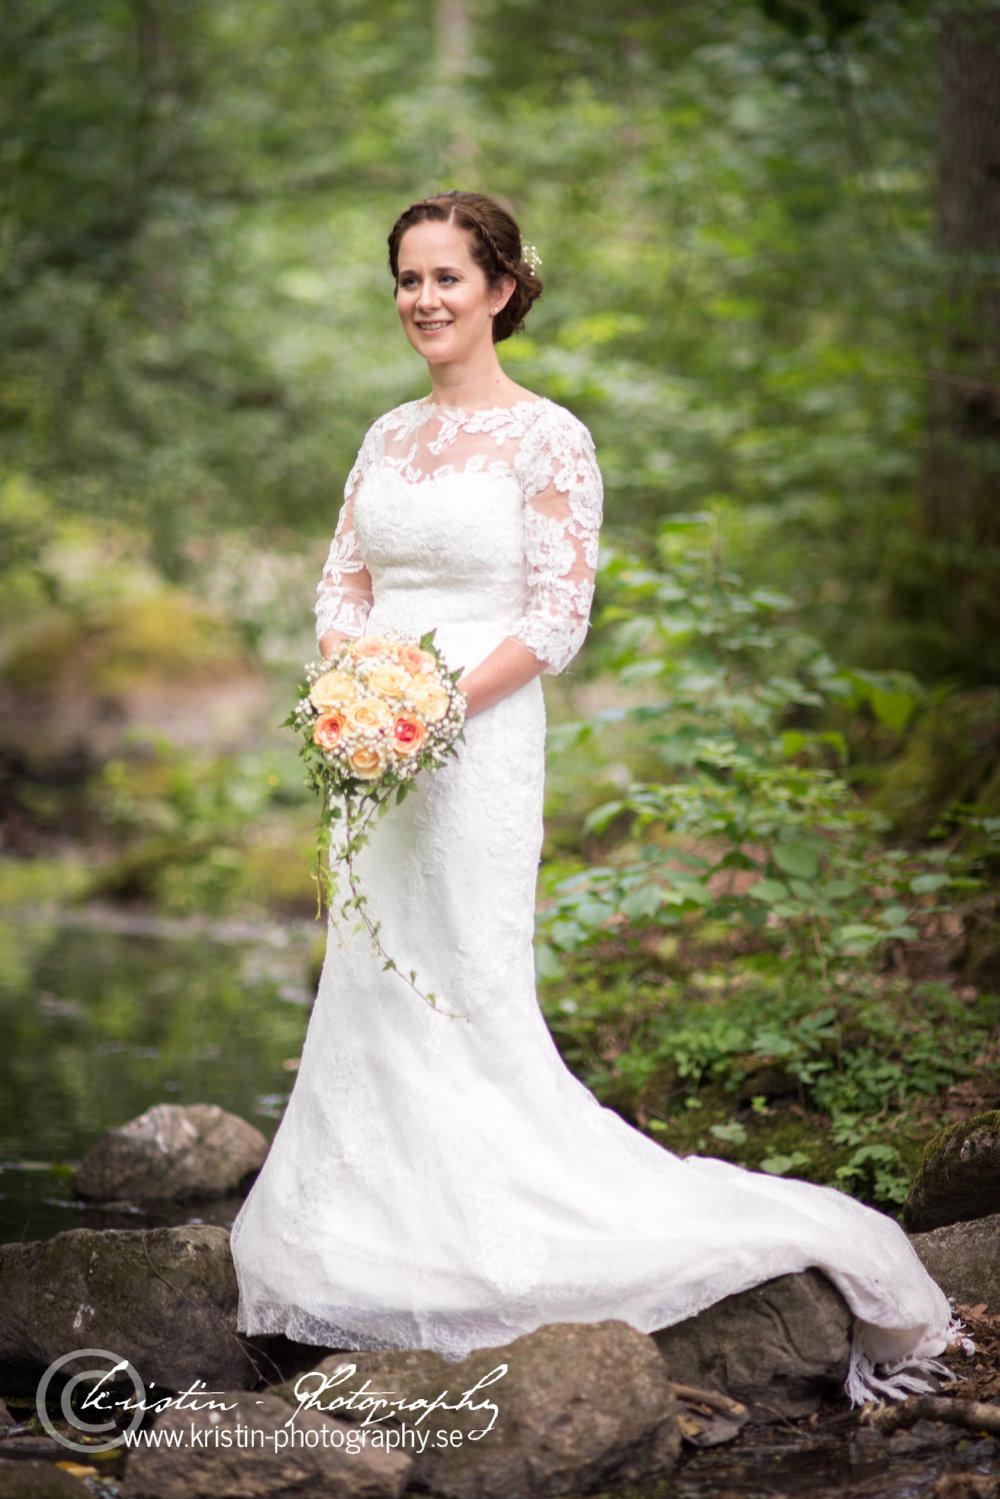 Bröllopsfotograf i Eskilstuna, Kristin - Photography, weddingphotographer -56.jpg